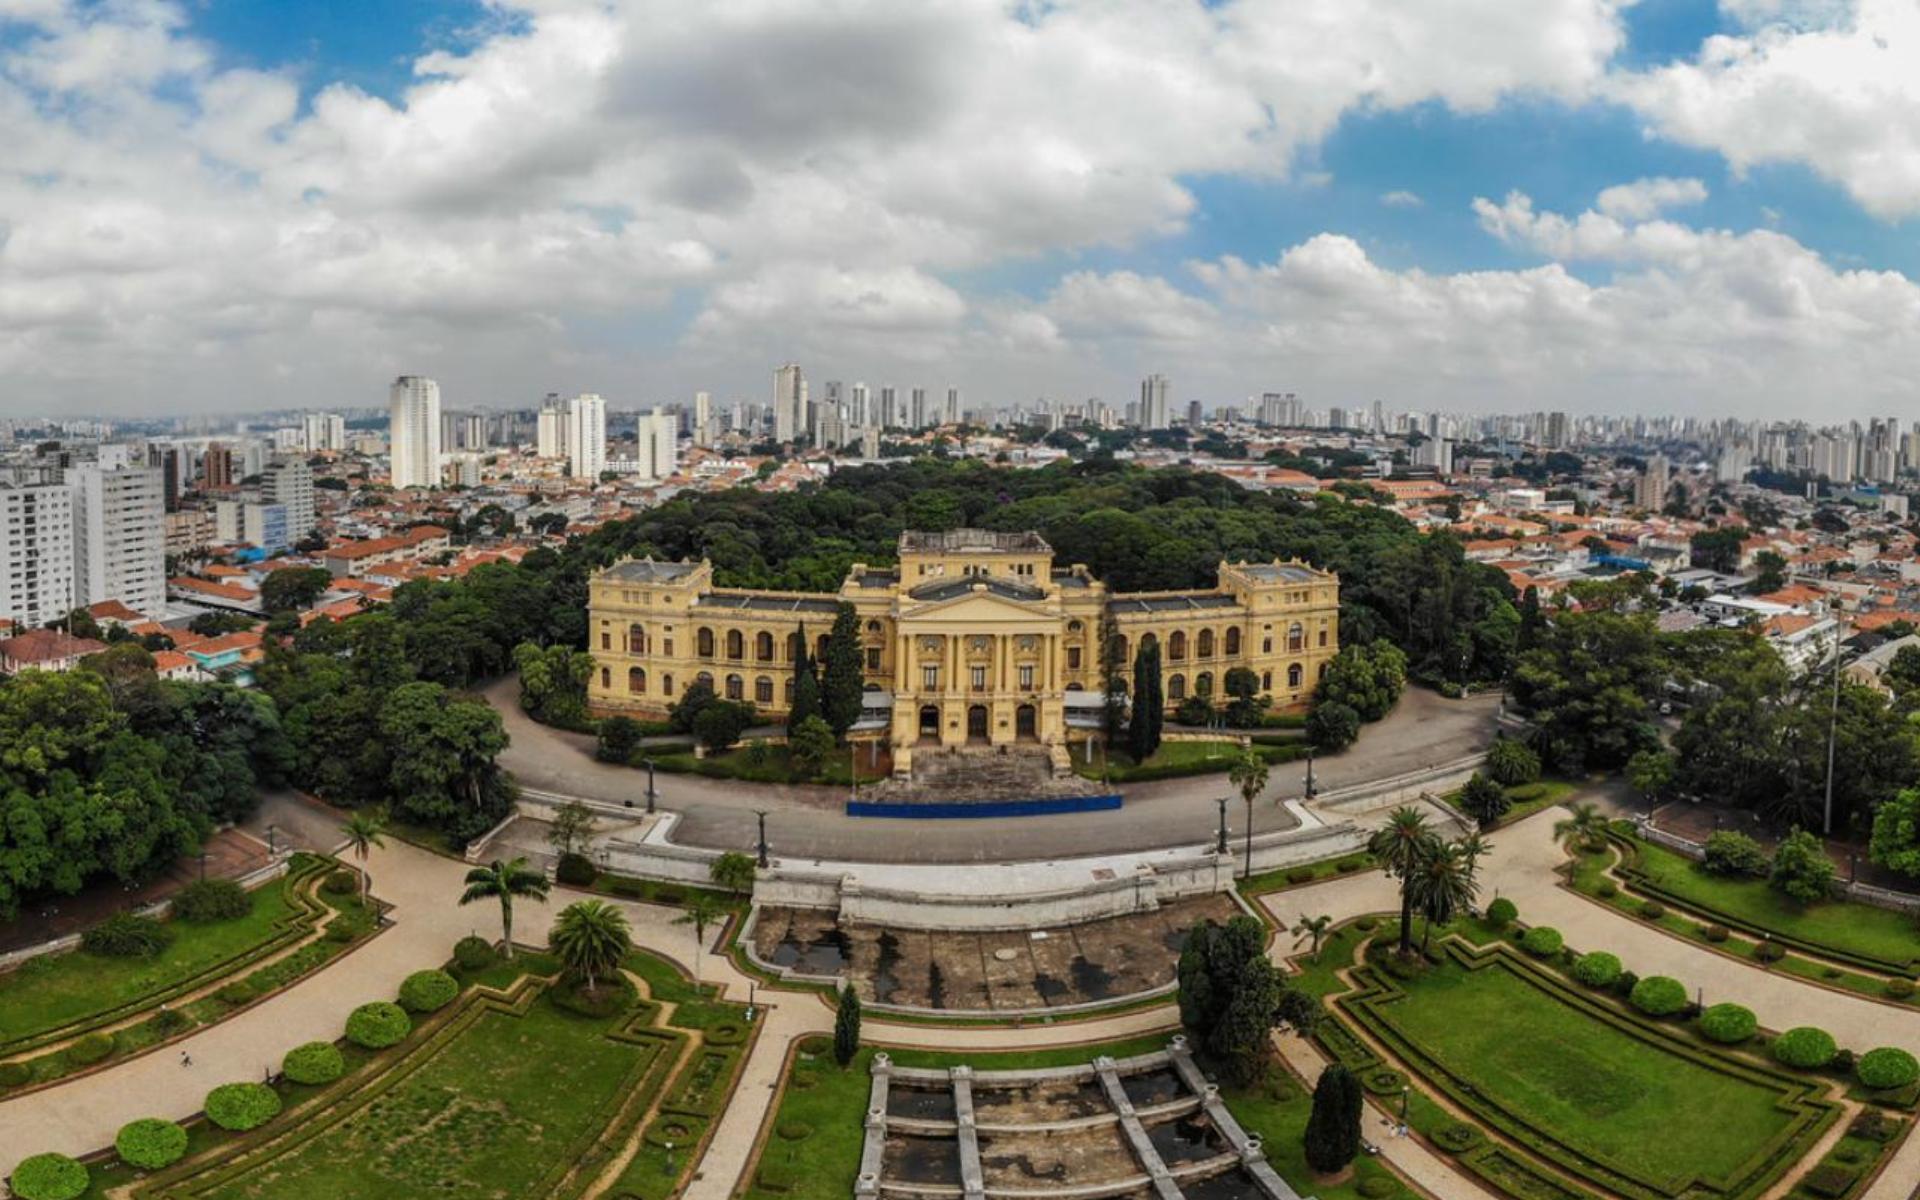 467th Anniversary of São Paulo